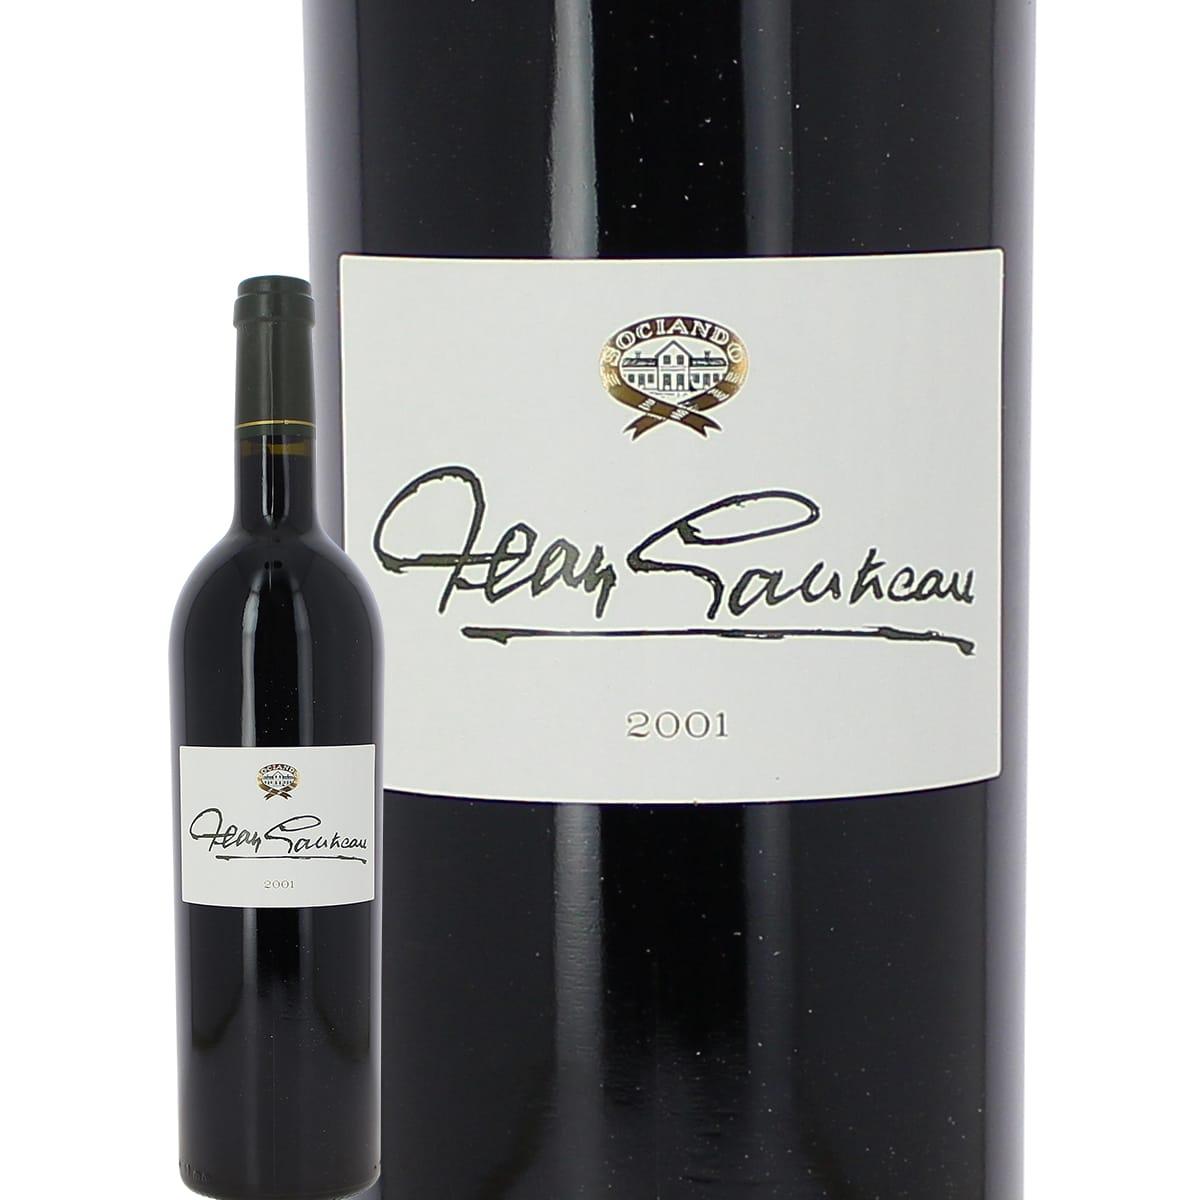 Bouteille de vin Cuvée Jean Gautreau AOC - Château Sociando Mallet Haut-Médoc Rouge 2001